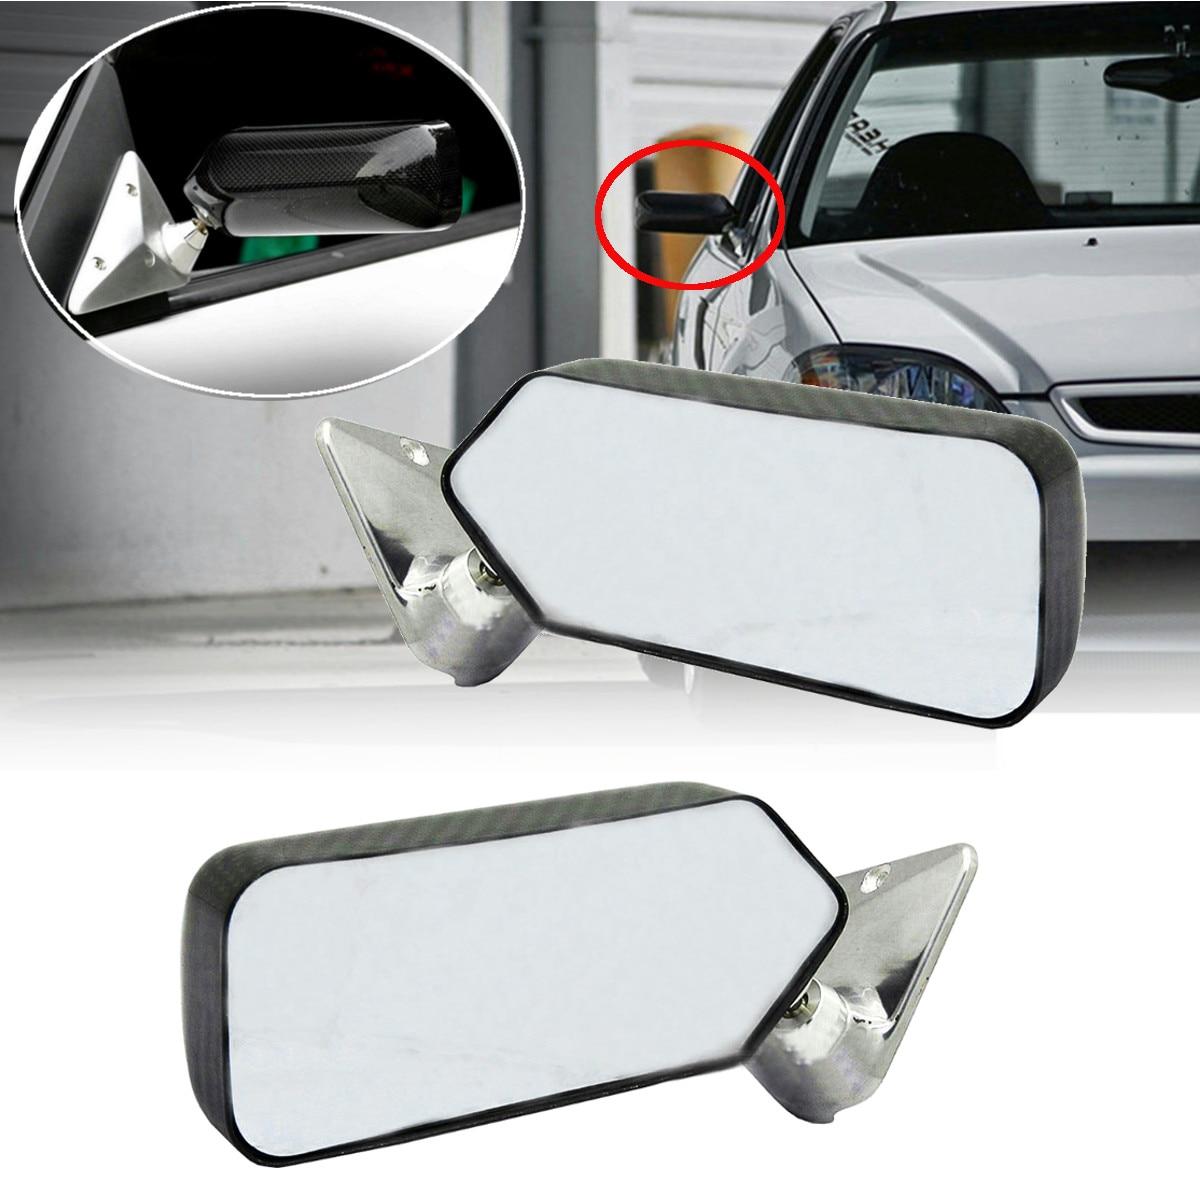 A paire universel en Fiber de carbone voiture Auto rétroviseur rétroviseur latéral couvercle garniture verre grand Angle métal support blanc/bleu